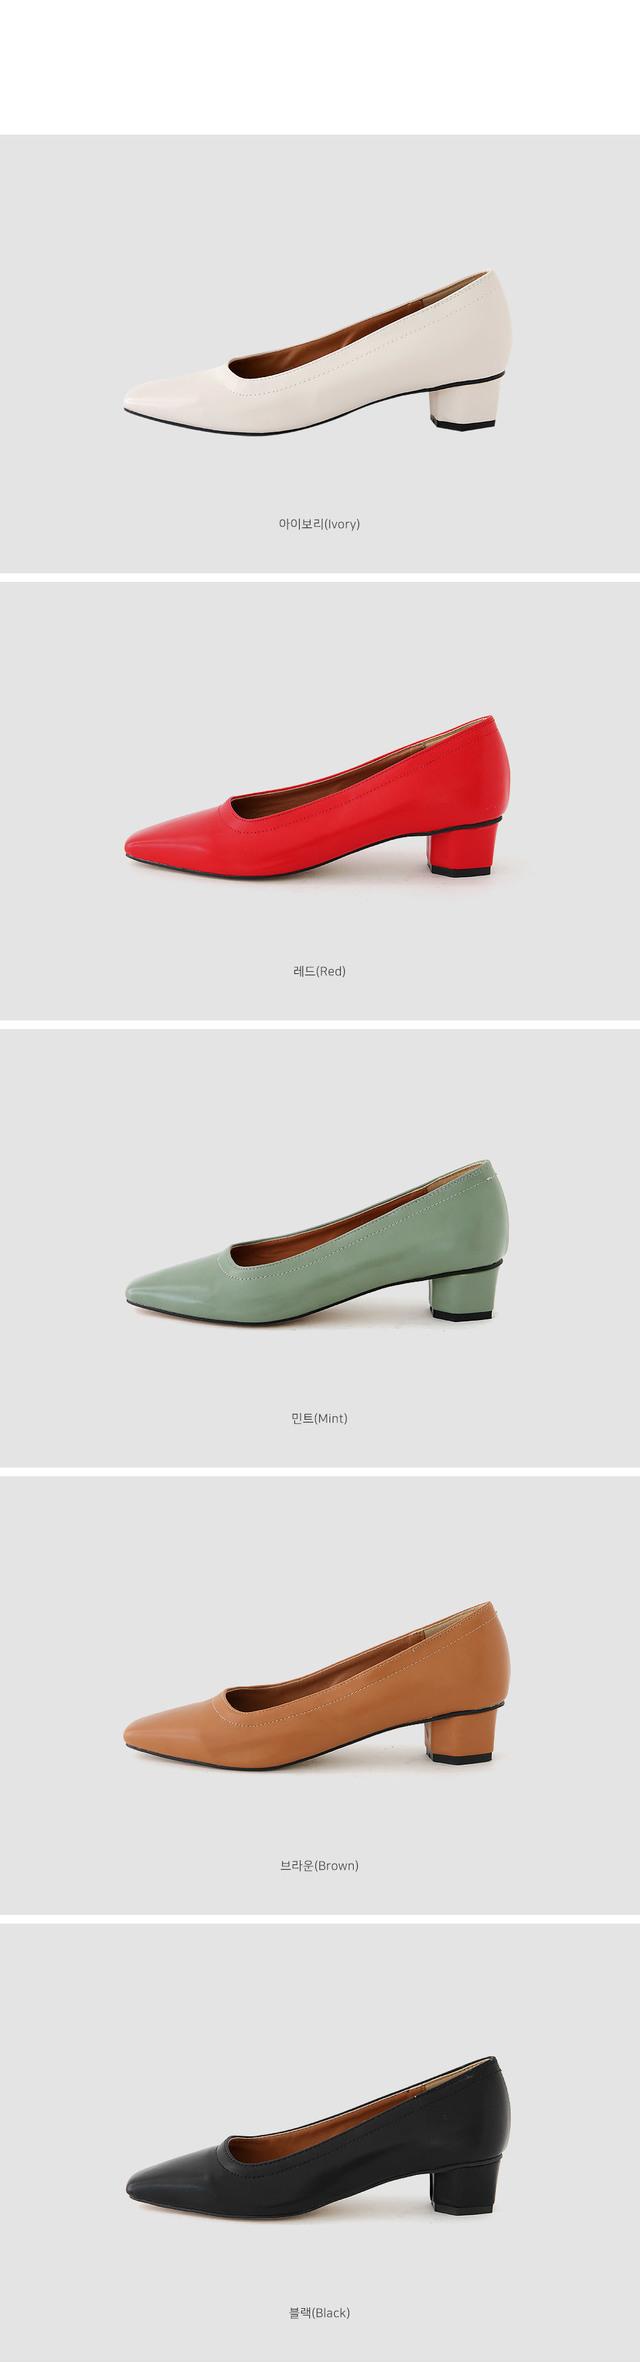 Felica mid heel pumps 3.5cm